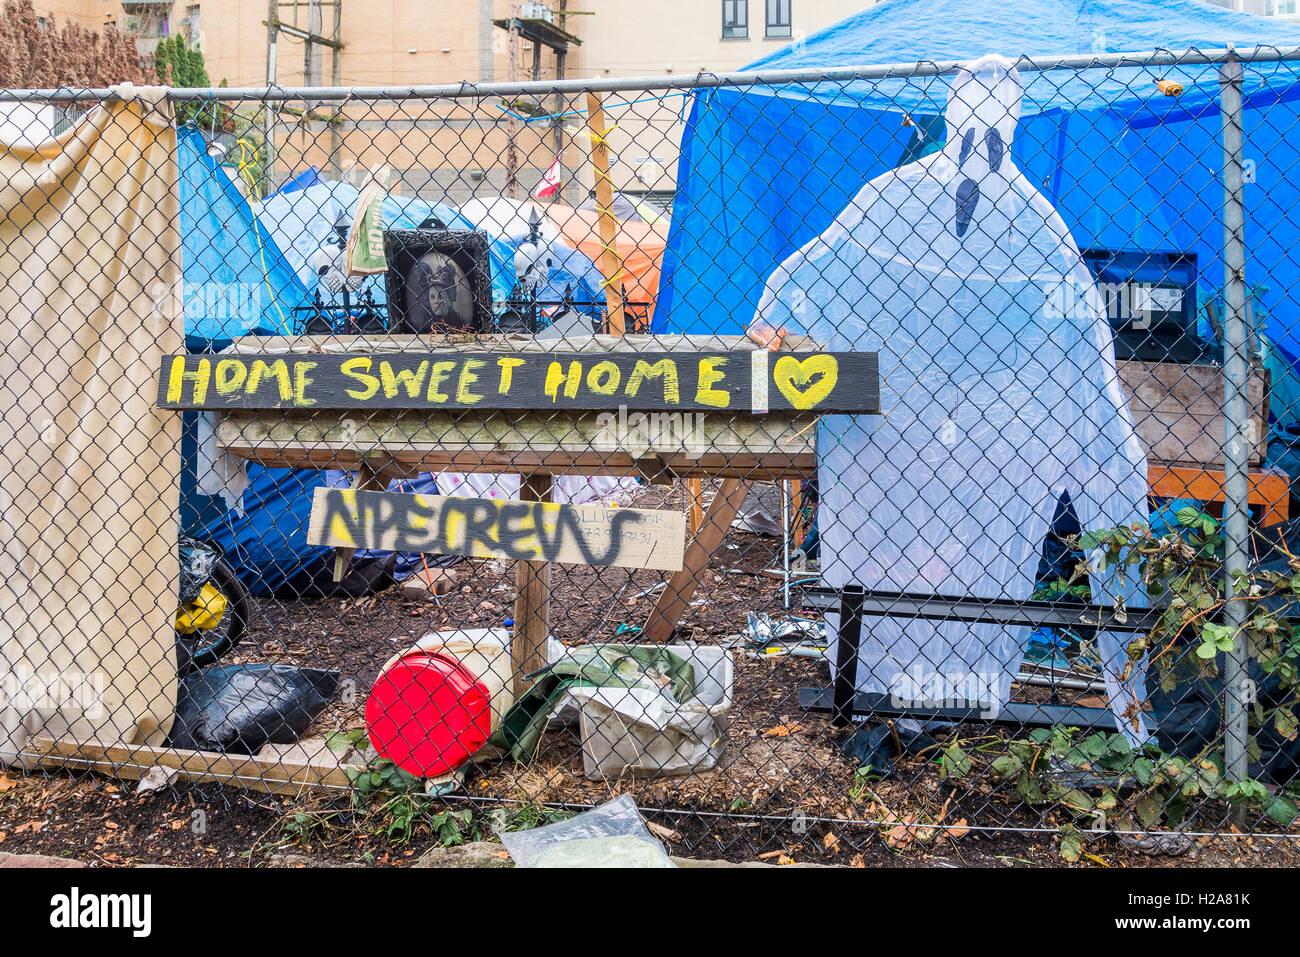 Dte sin hogar de la ciudad de carpa, en Hastings Street, Downtown East Side, Vancouver, British Columbia, Canadá Foto de stock